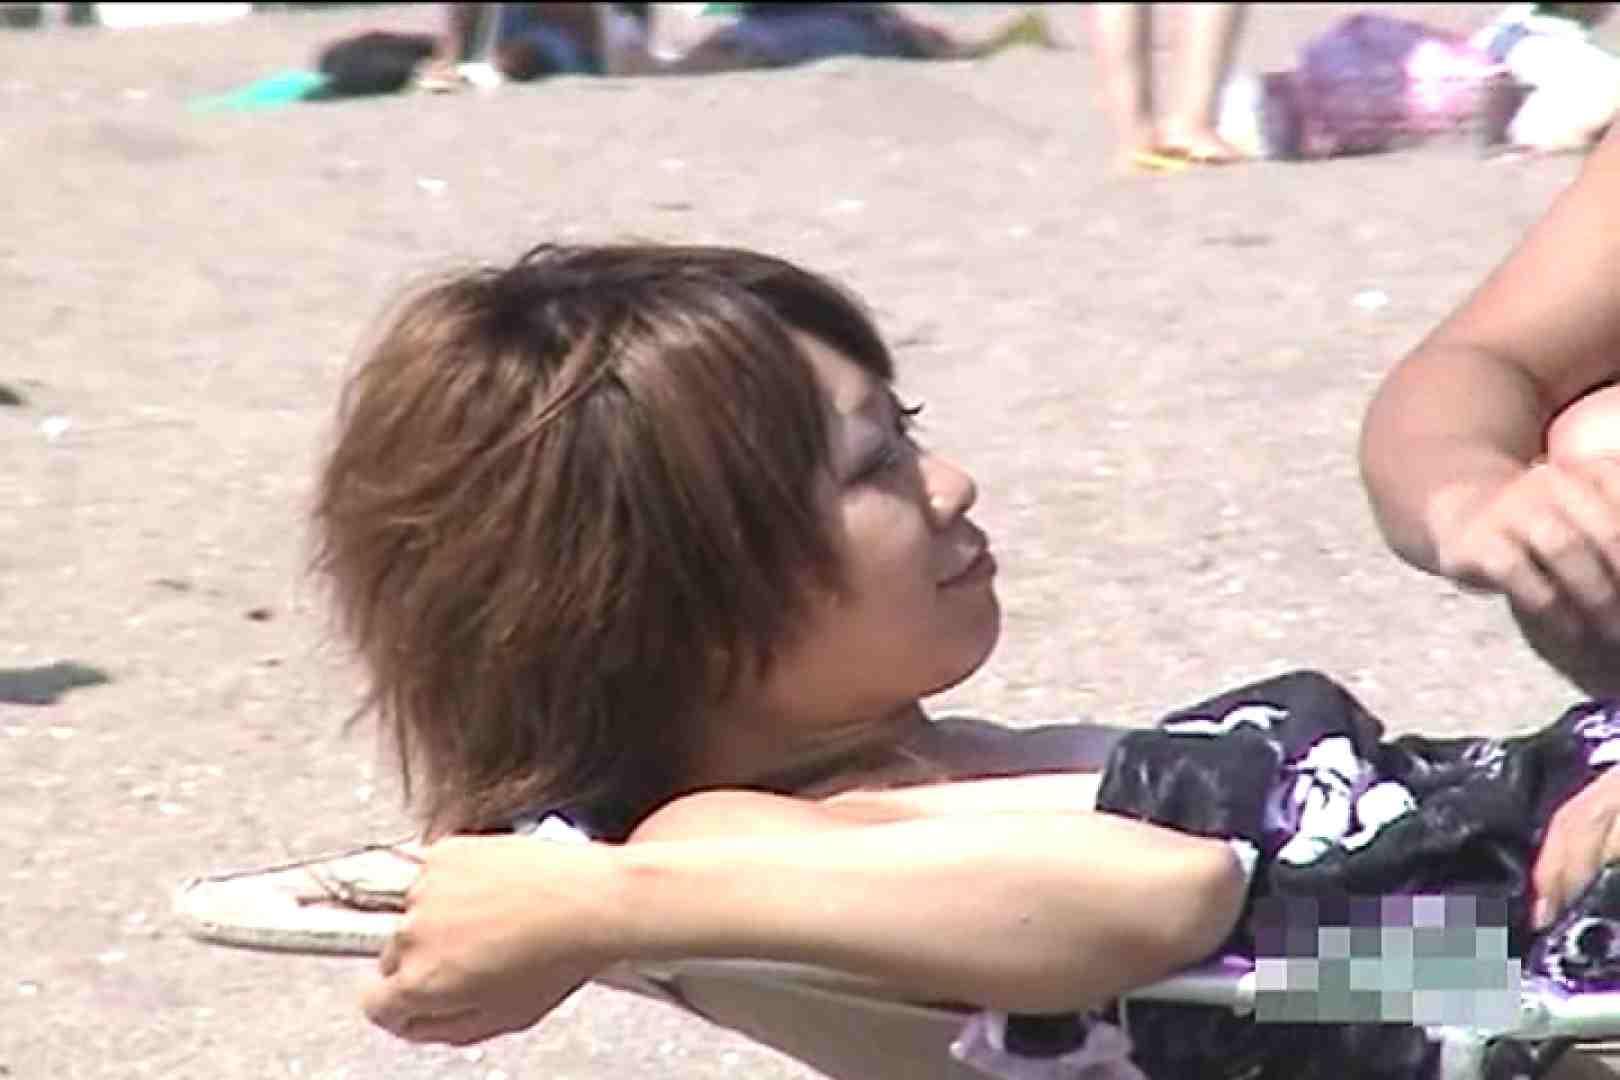 真夏のビーチは危険地帯Vol.2 すけべなOL オマンコ動画キャプチャ 98画像 7